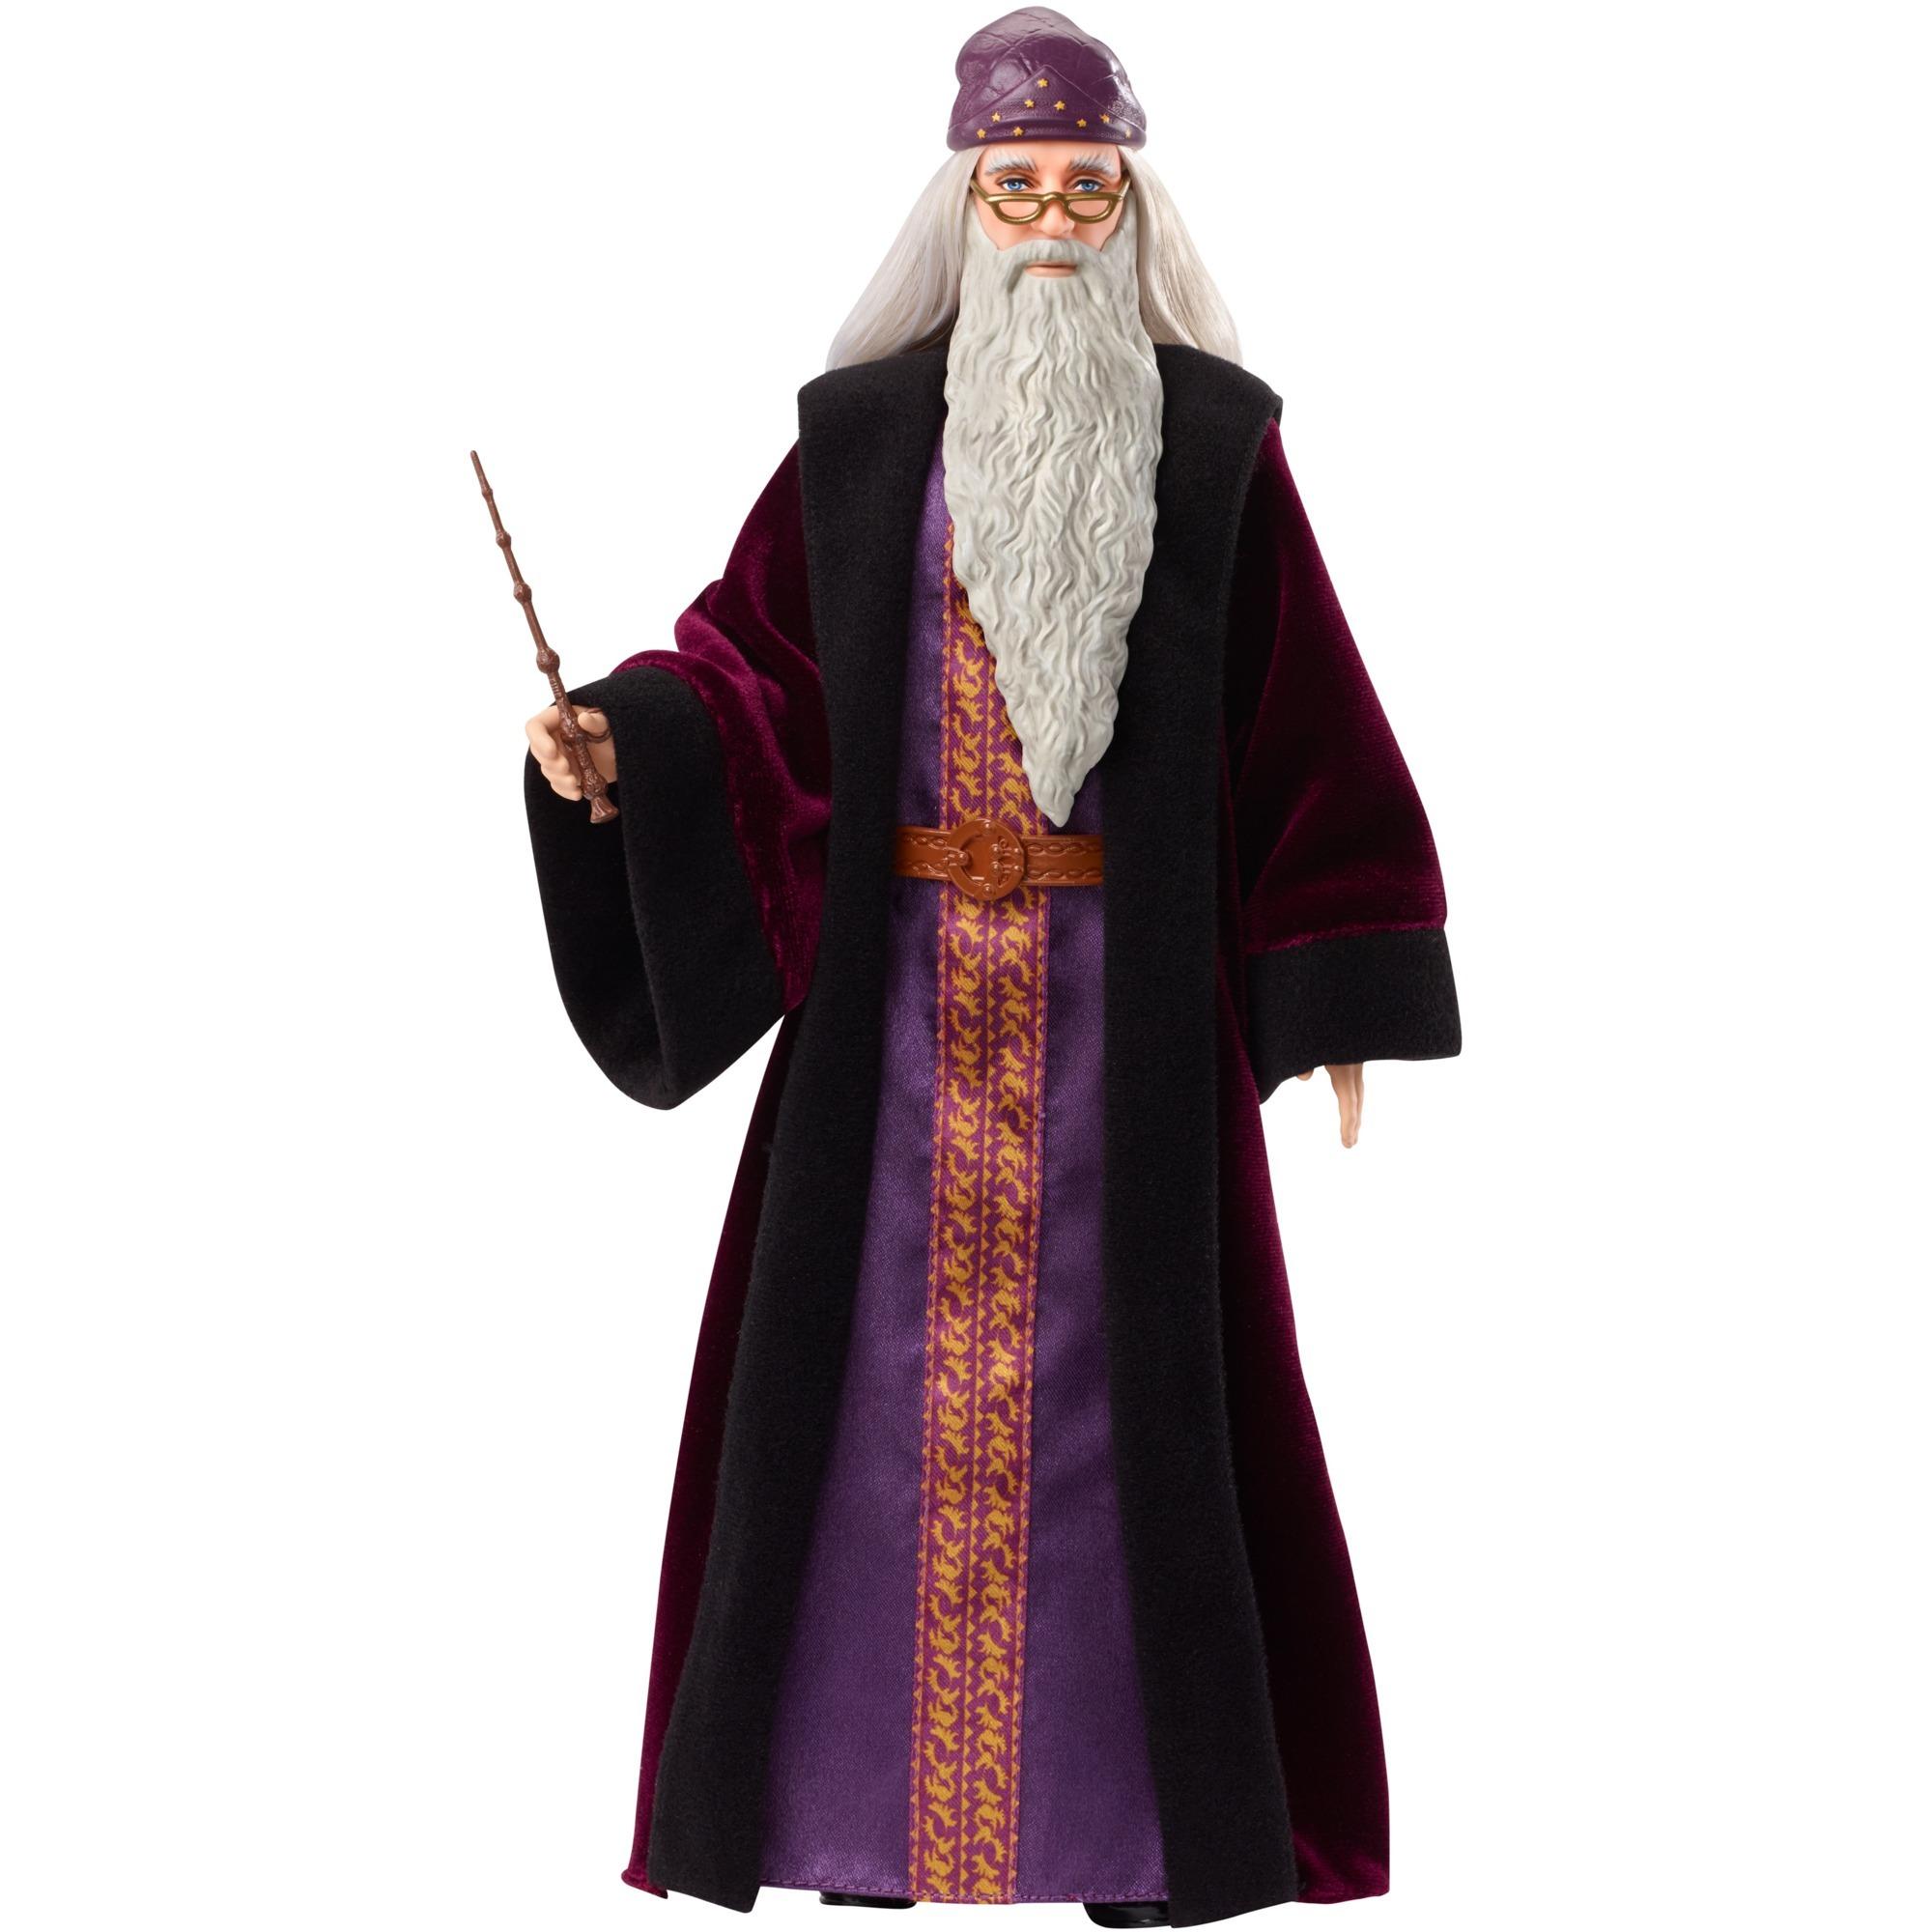 Harry Potter - Albus Dumbledore - Figura 30 cm